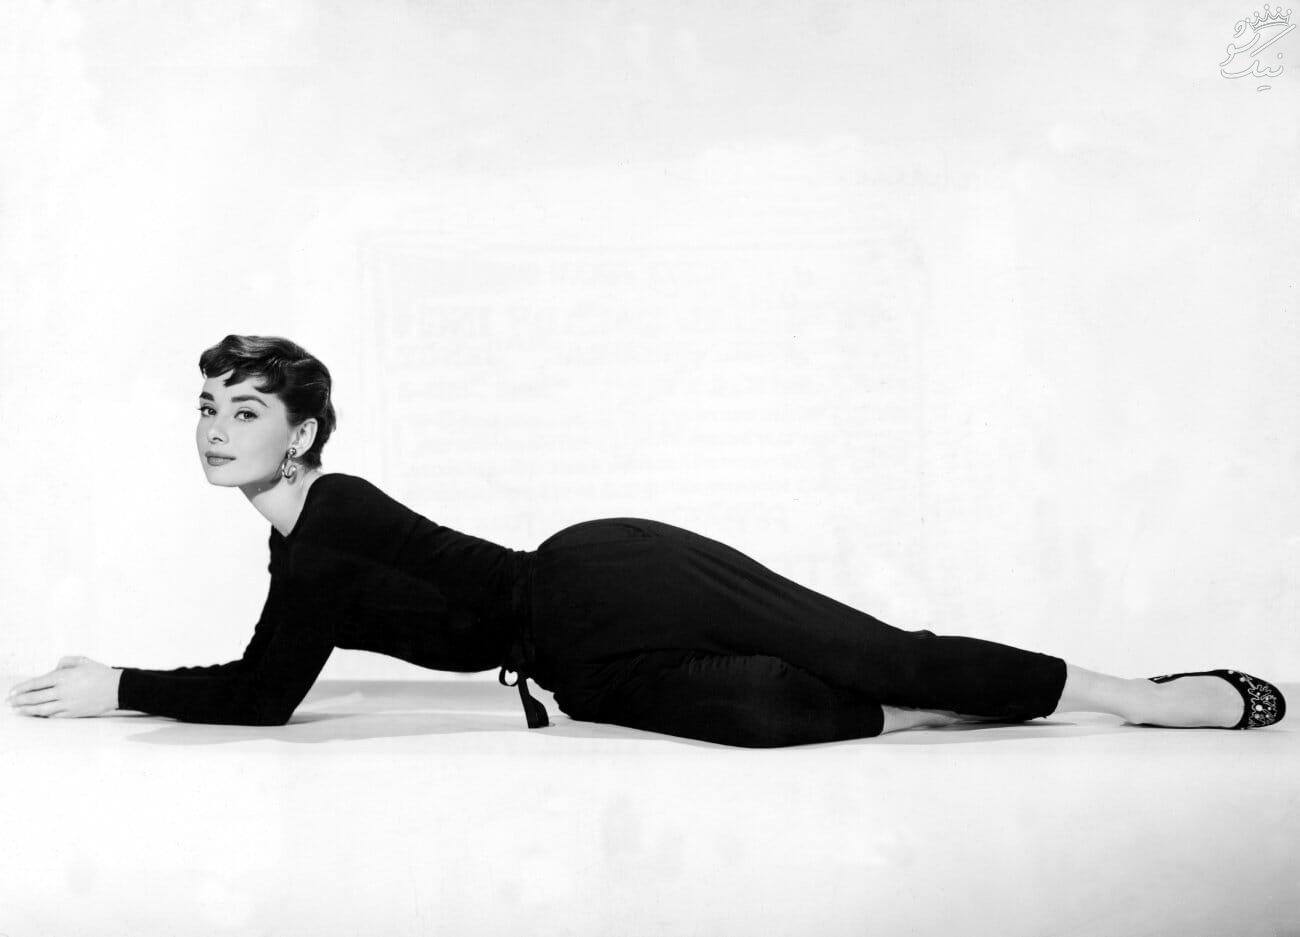 آدری هپبورن Audrey Hepburn زیباترین ستاره تمام دوران هالیوود